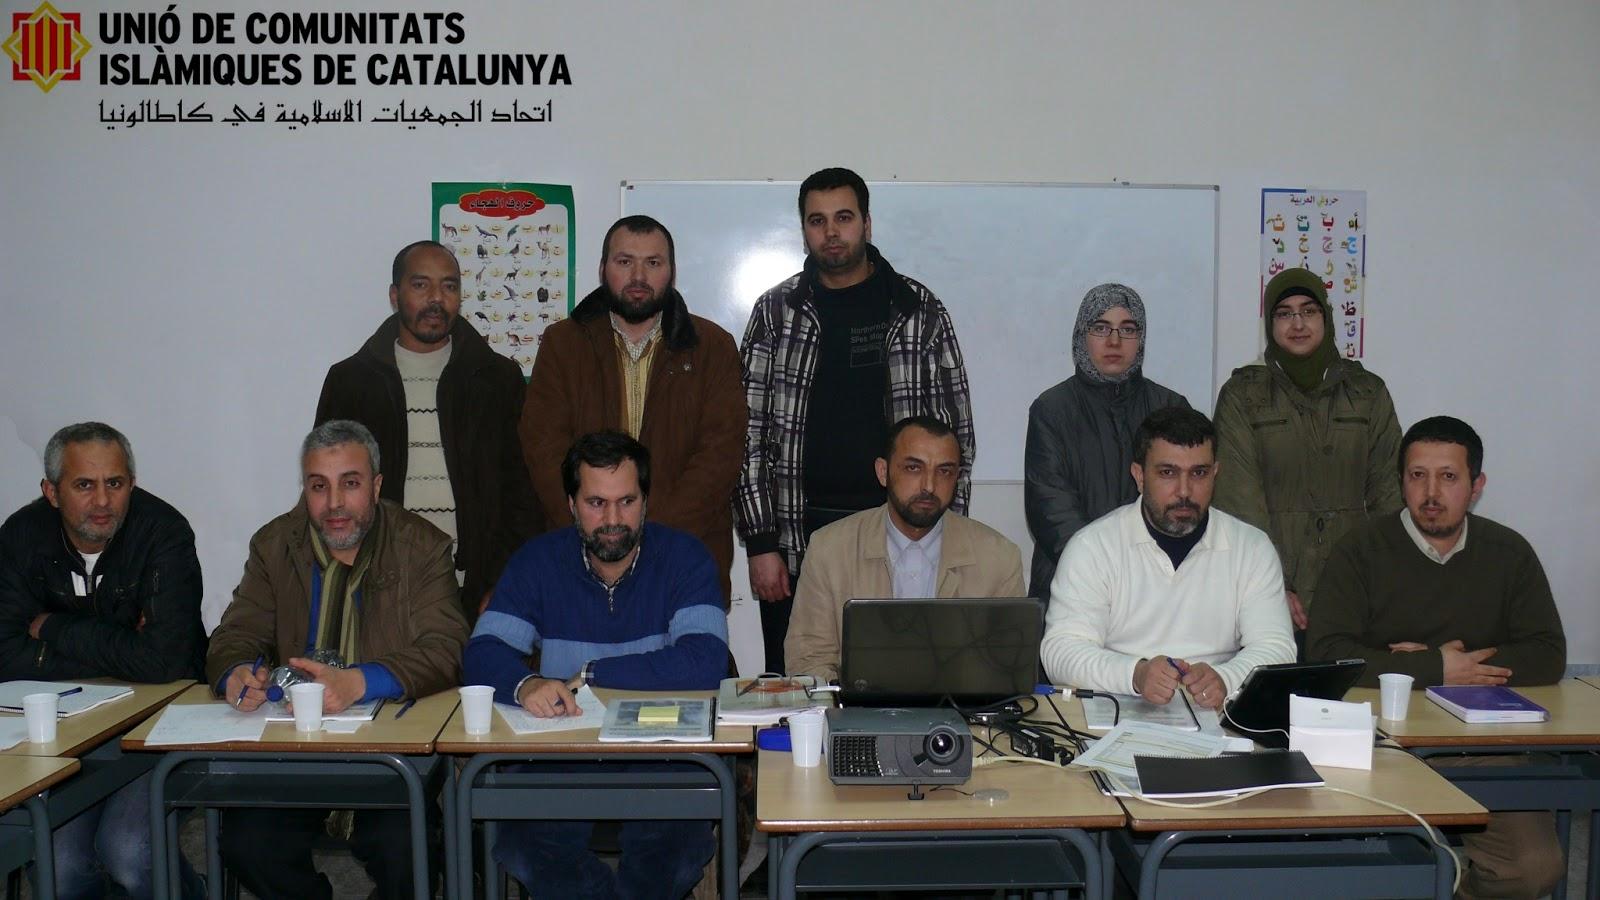 Reunión del consejo consultivo de UCIDCAT